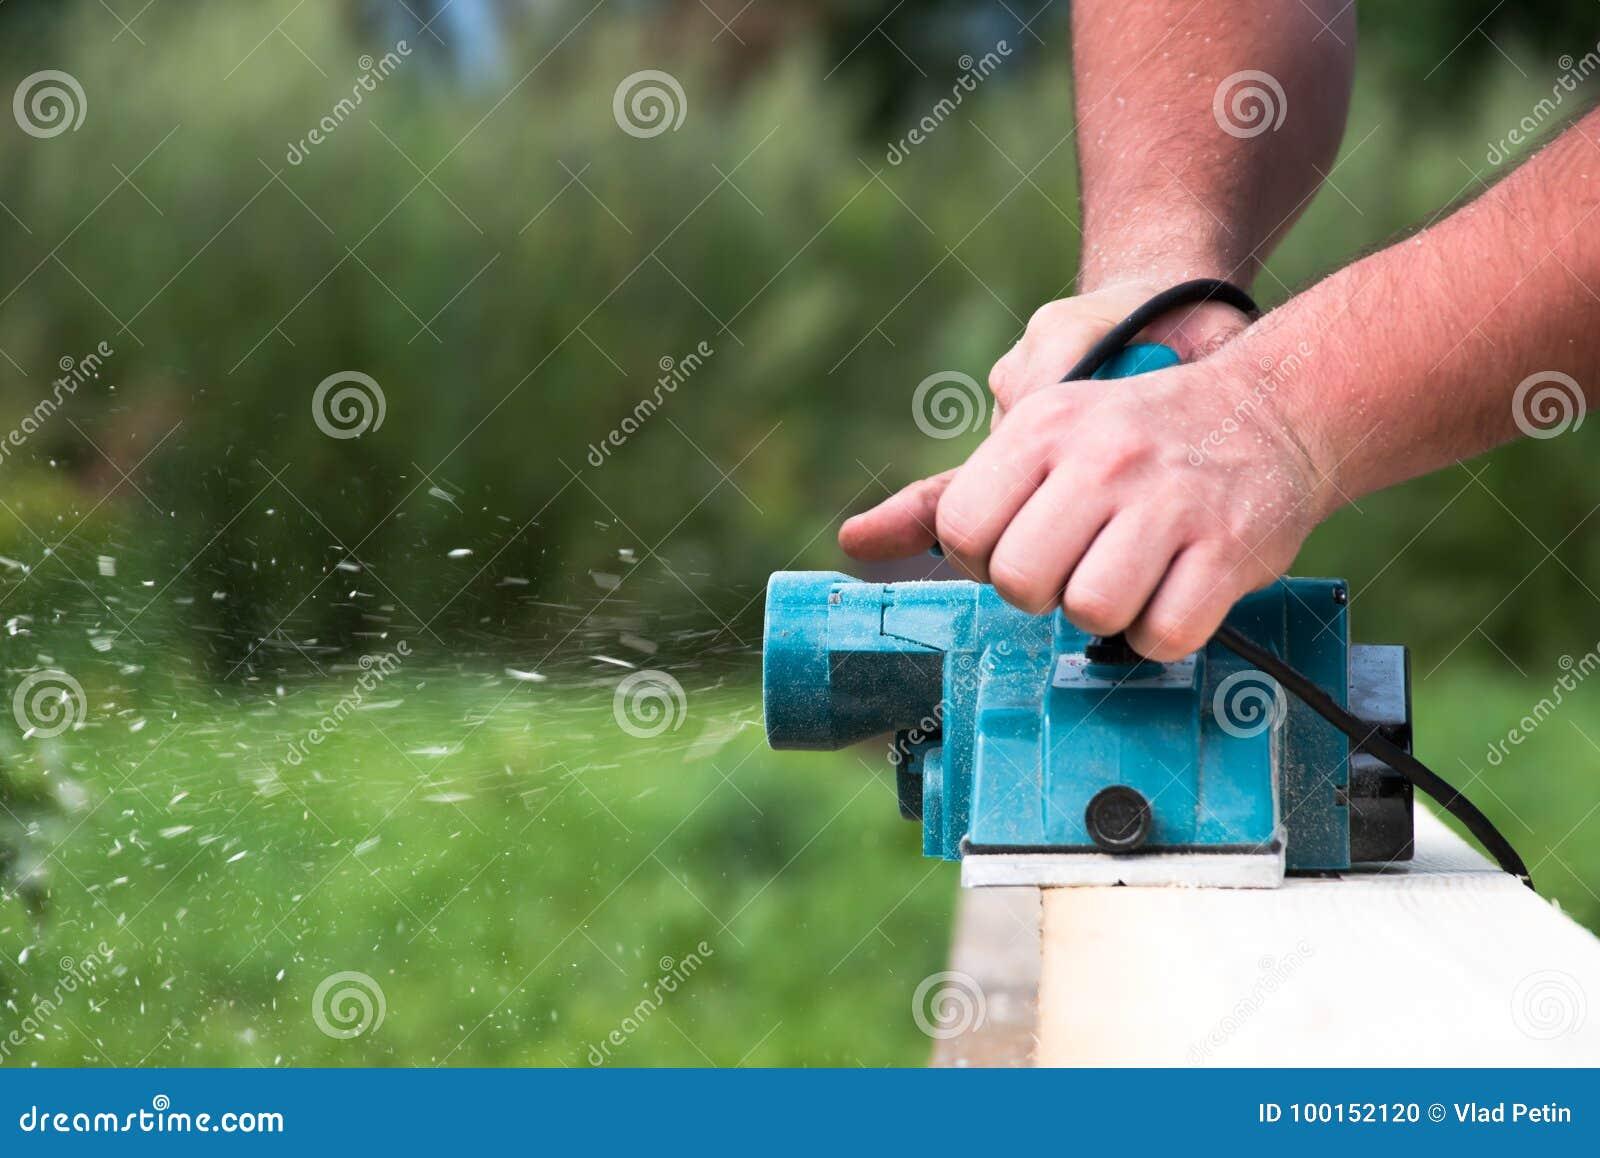 Κλείστε επάνω τα χέρια του ξυλουργού που εργάζεται με την ηλεκτρική μηχανή πλανίσματος στην ξύλινη σανίδα